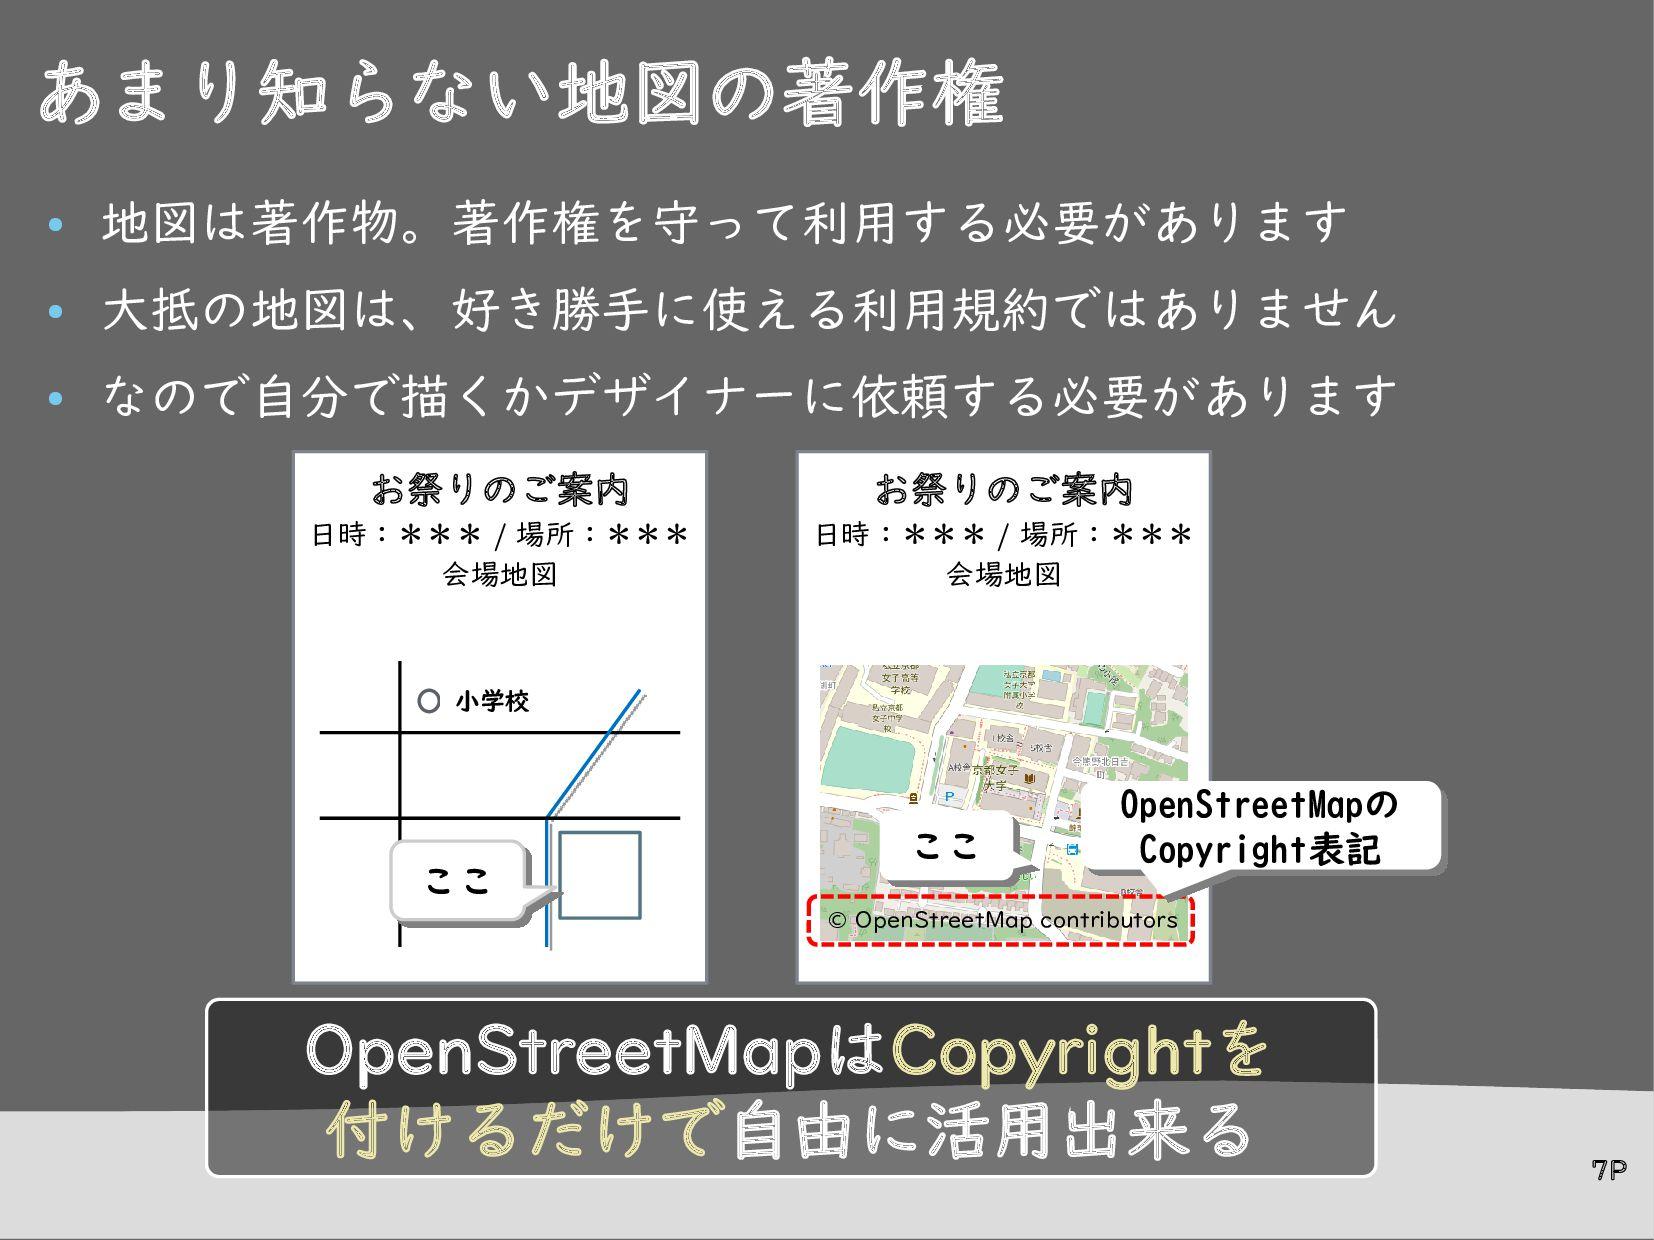 実は、色んな所に使われています P.7 まち歩きマップ ランチマップ 各種グッズ Wikipe...